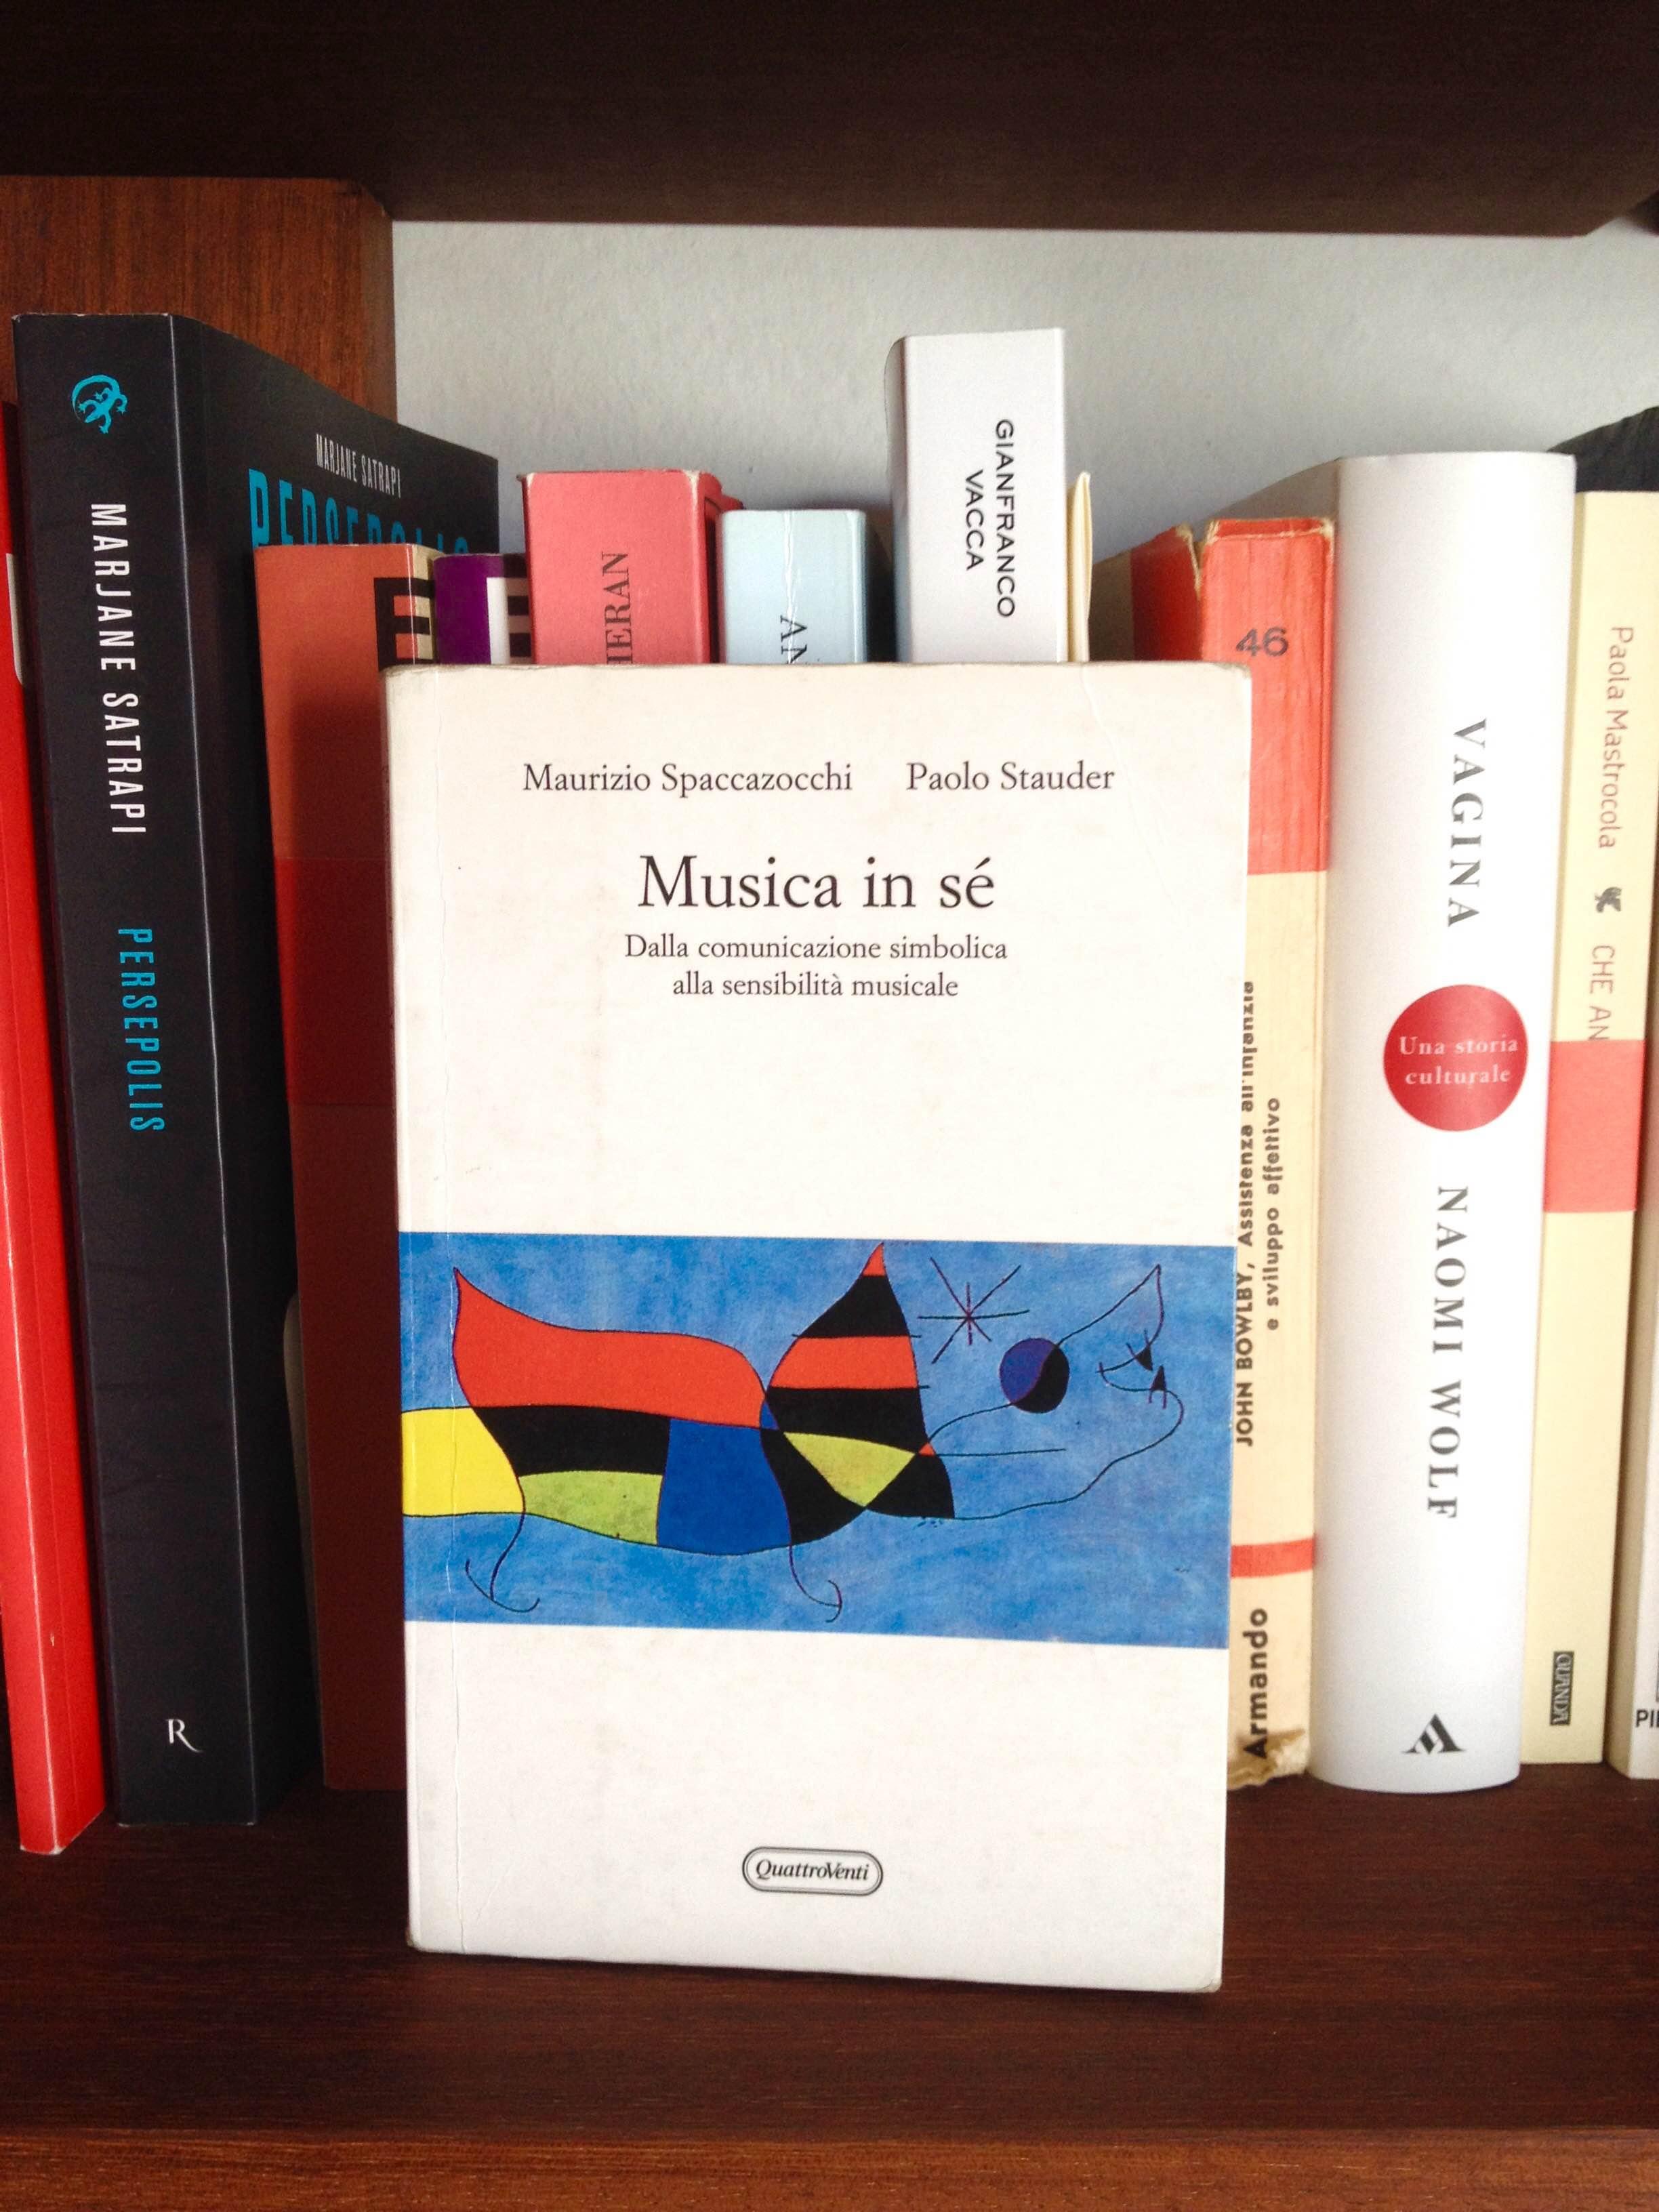 MUSICASTUDIO: Letture, parole, riflessioni intorno al Sonoro (2)